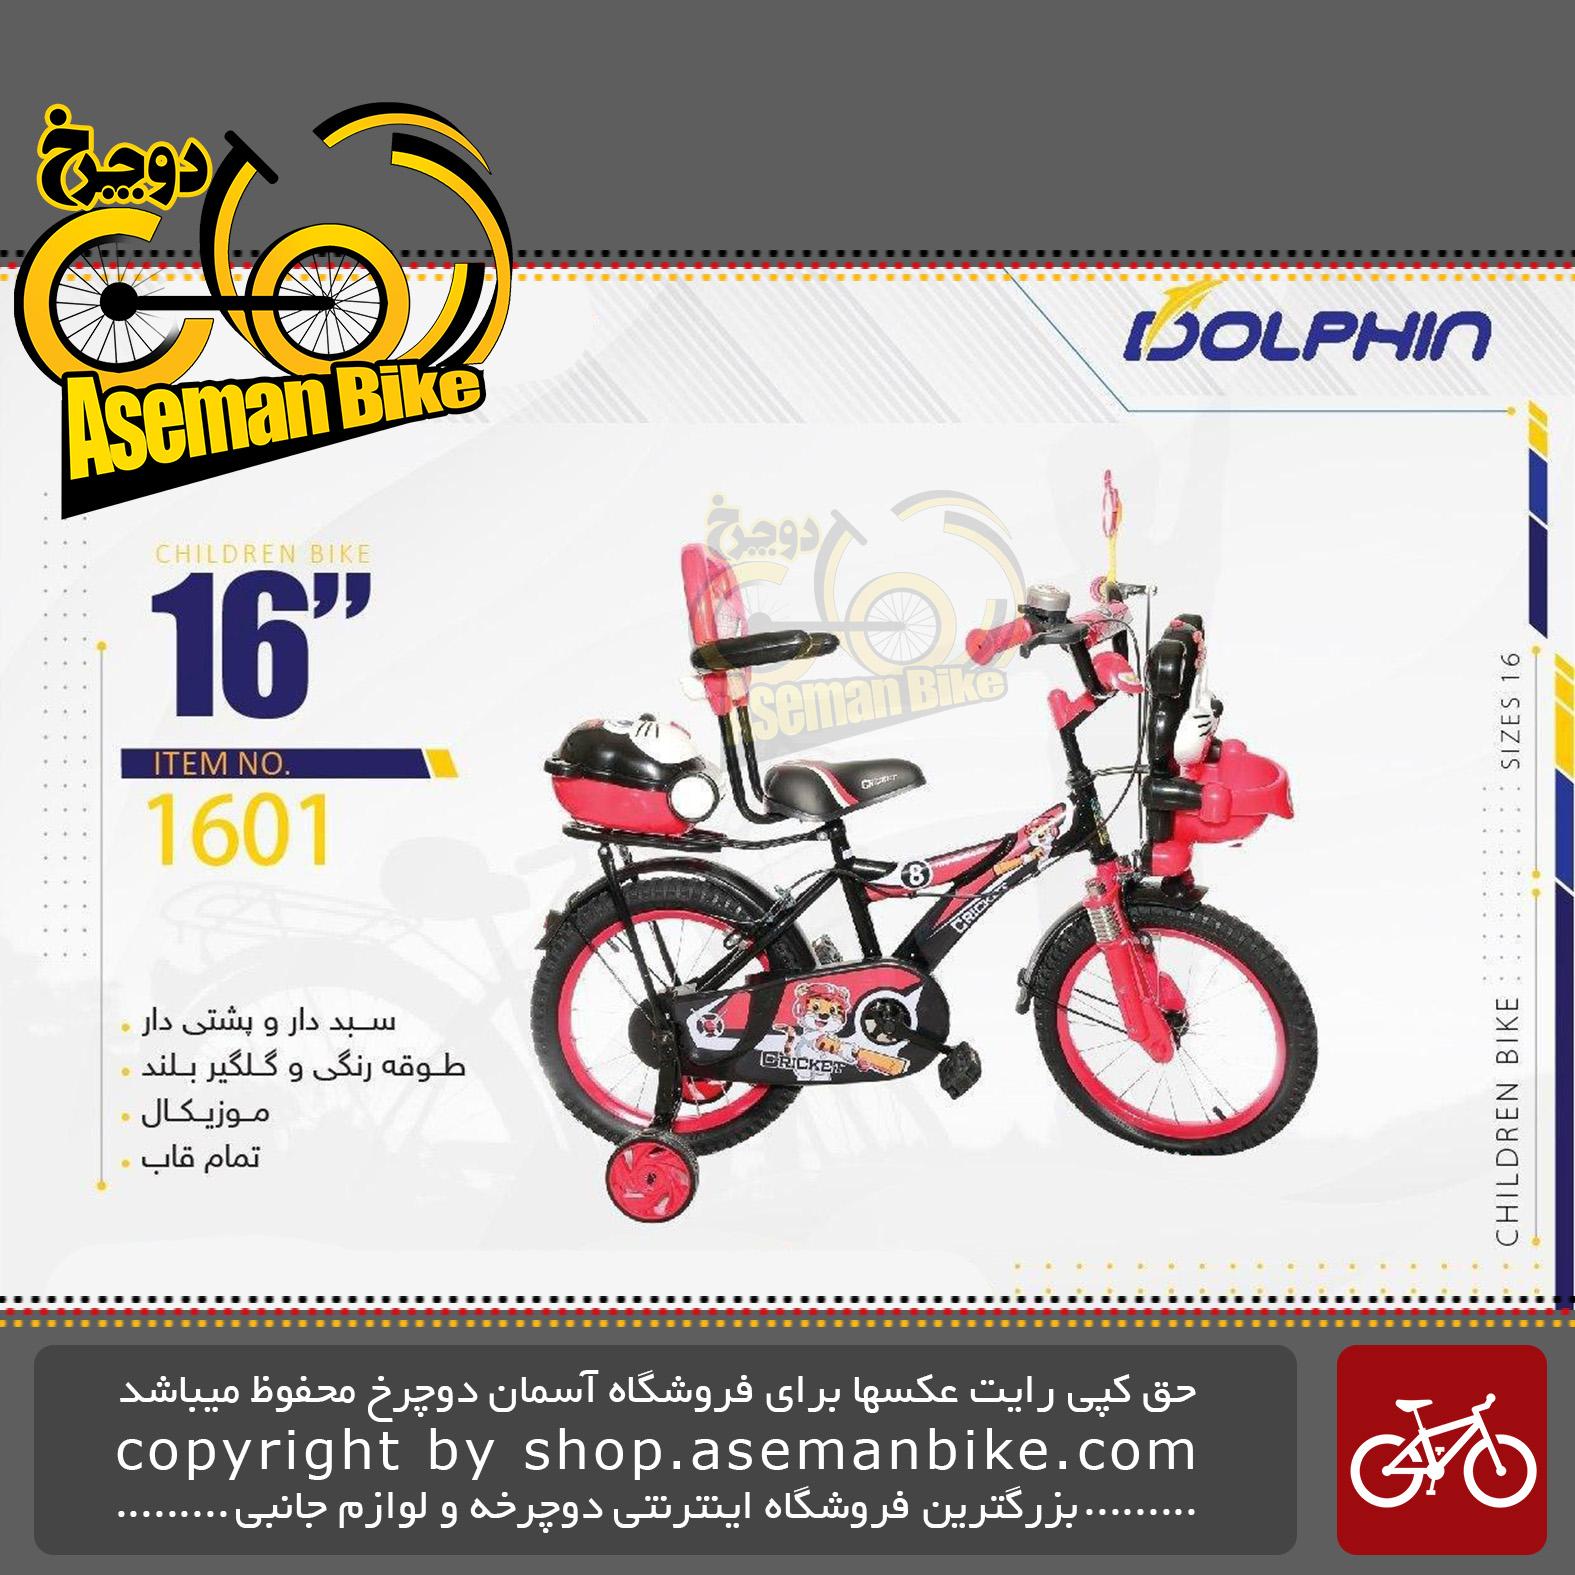 دوچرخه بچگانه دلفین سایز 16 موزیکال صندوق دار پشتی دار سبد دار مدل 1601 DOLPHIN Bicycle Children Bike Size 16 Model 1601